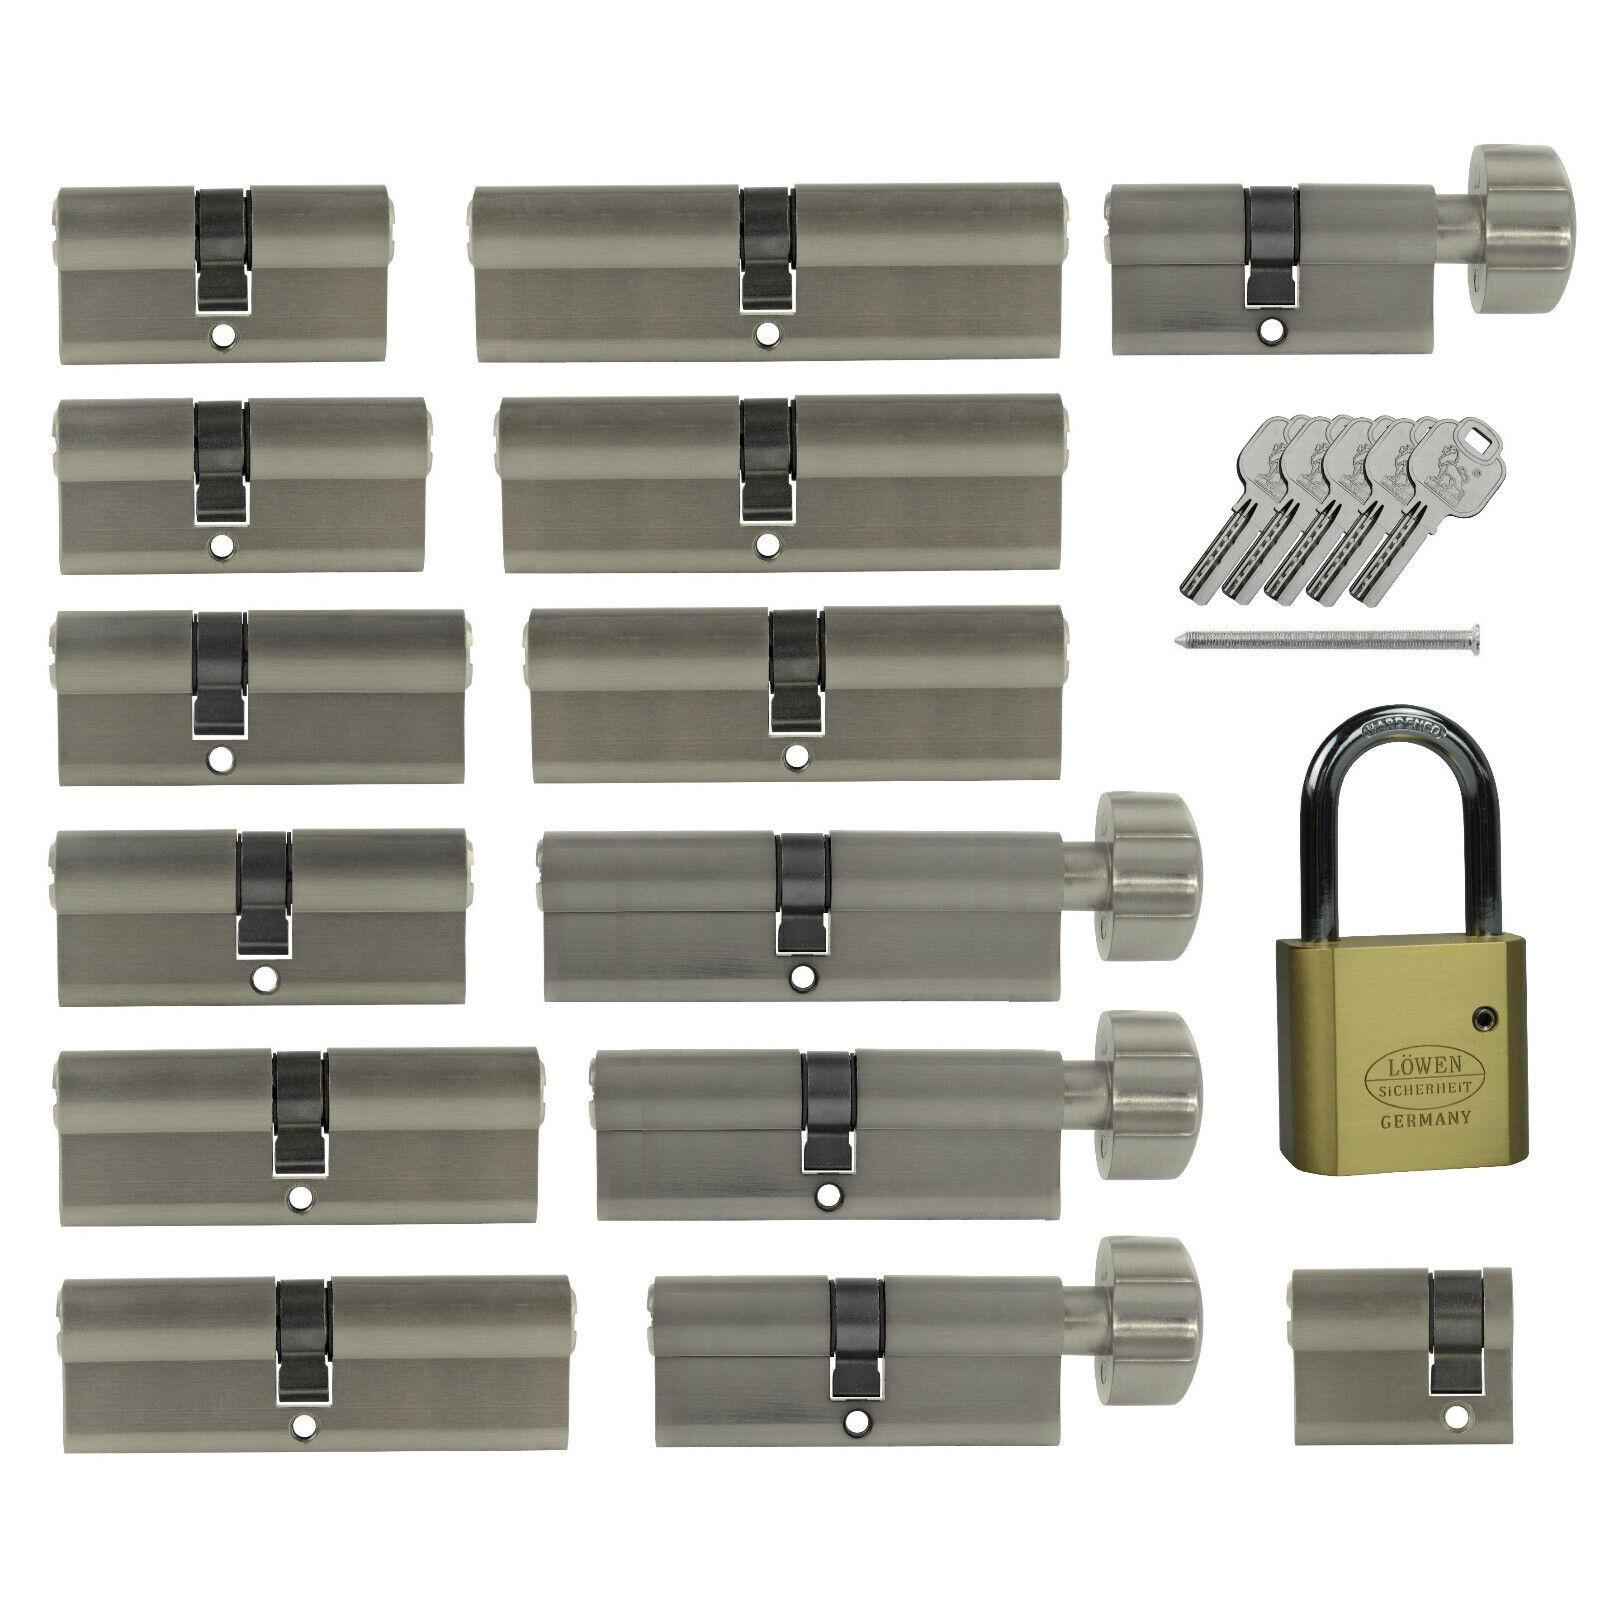 Knaufzylinder L/änge A:45 mm B:45 mm Schlie/ßzylinder f/ür gleichschlie/ßendes SET//Variante